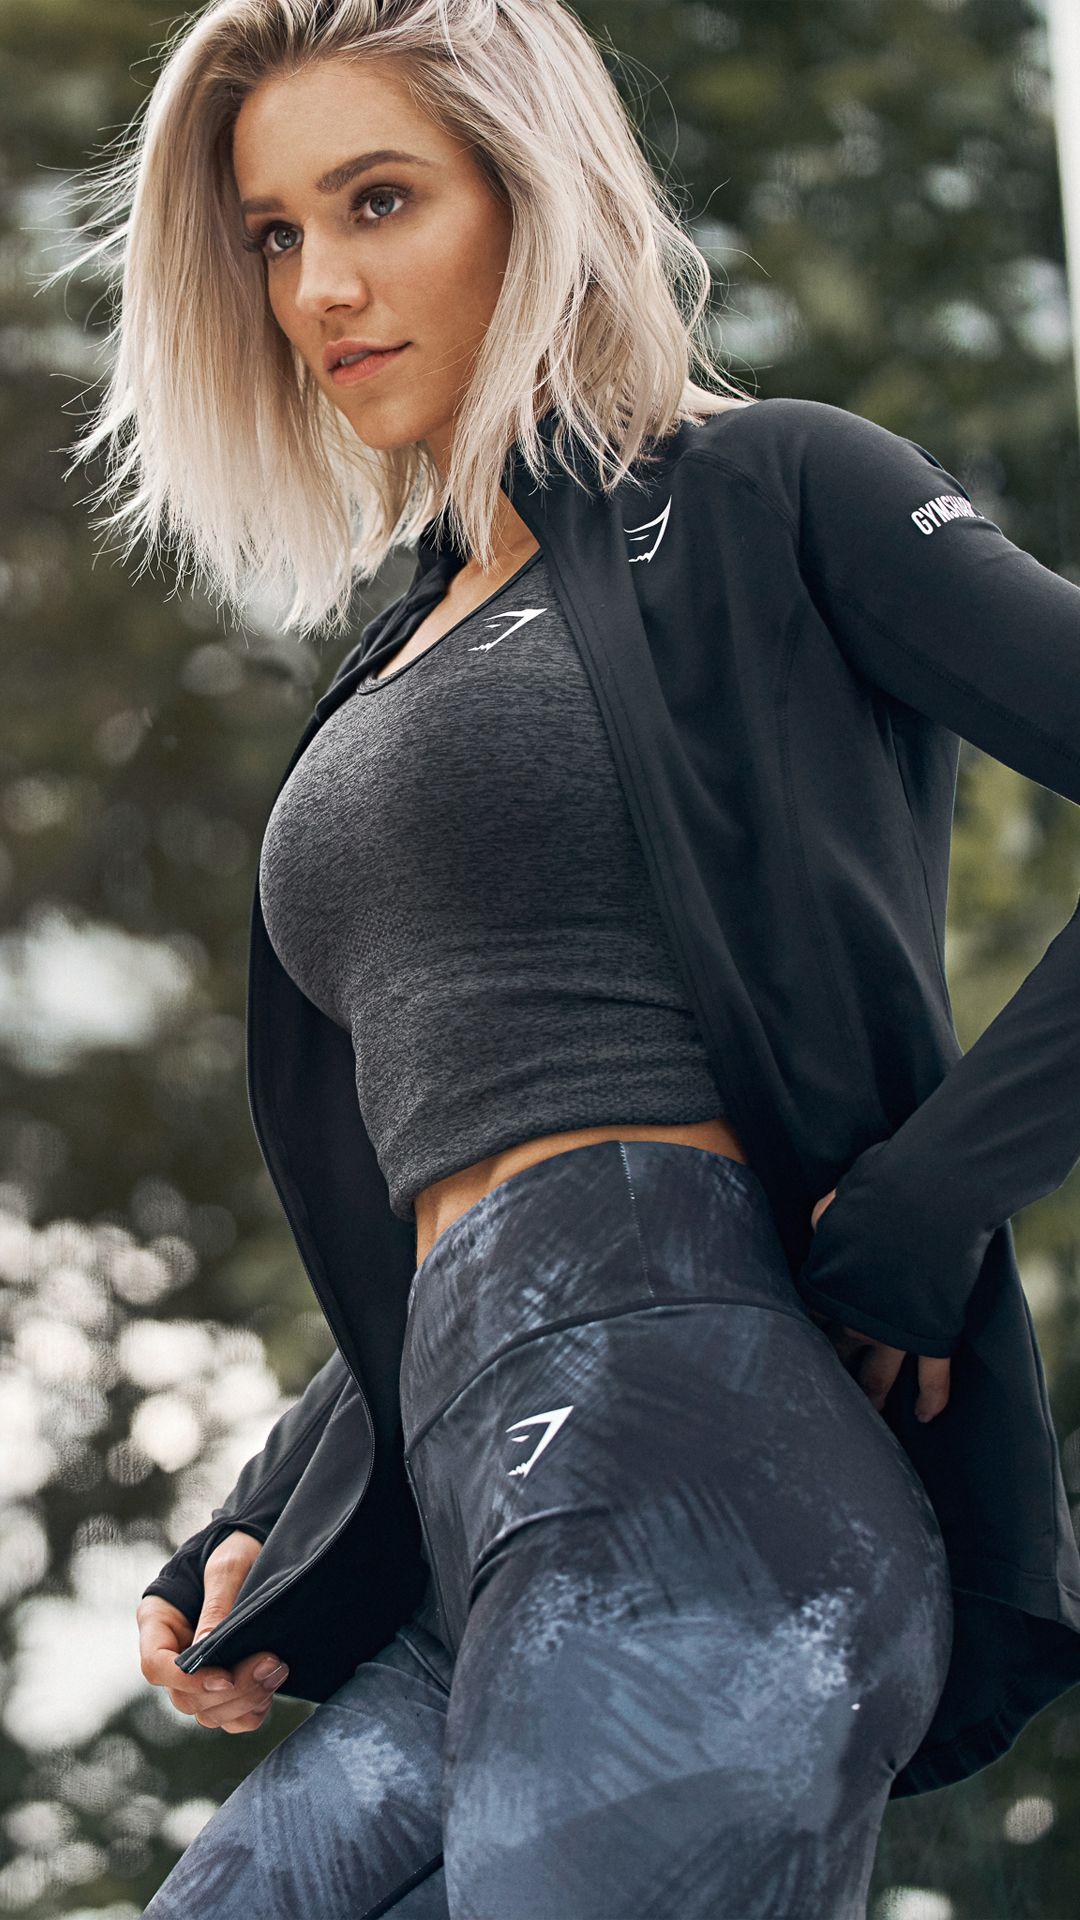 Selfie Lauren Foster nudes (49 photo), Tits, Hot, Boobs, butt 2018